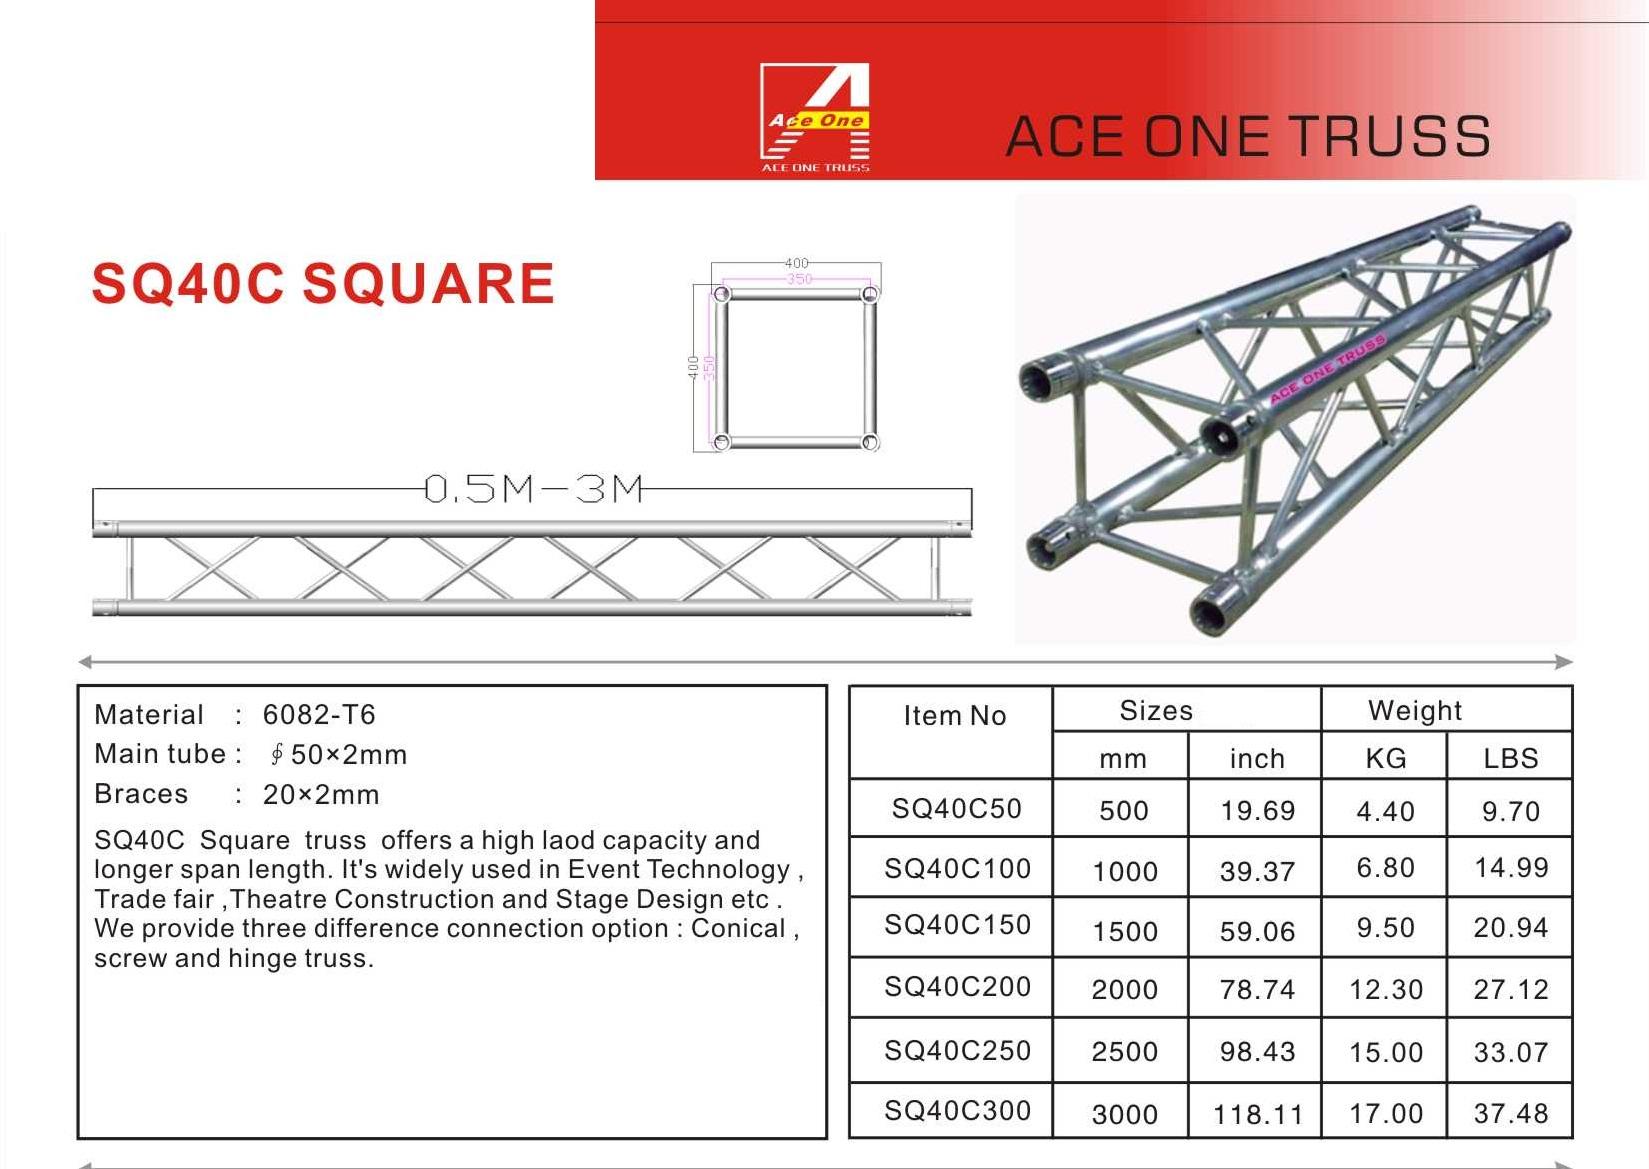 sq40c square